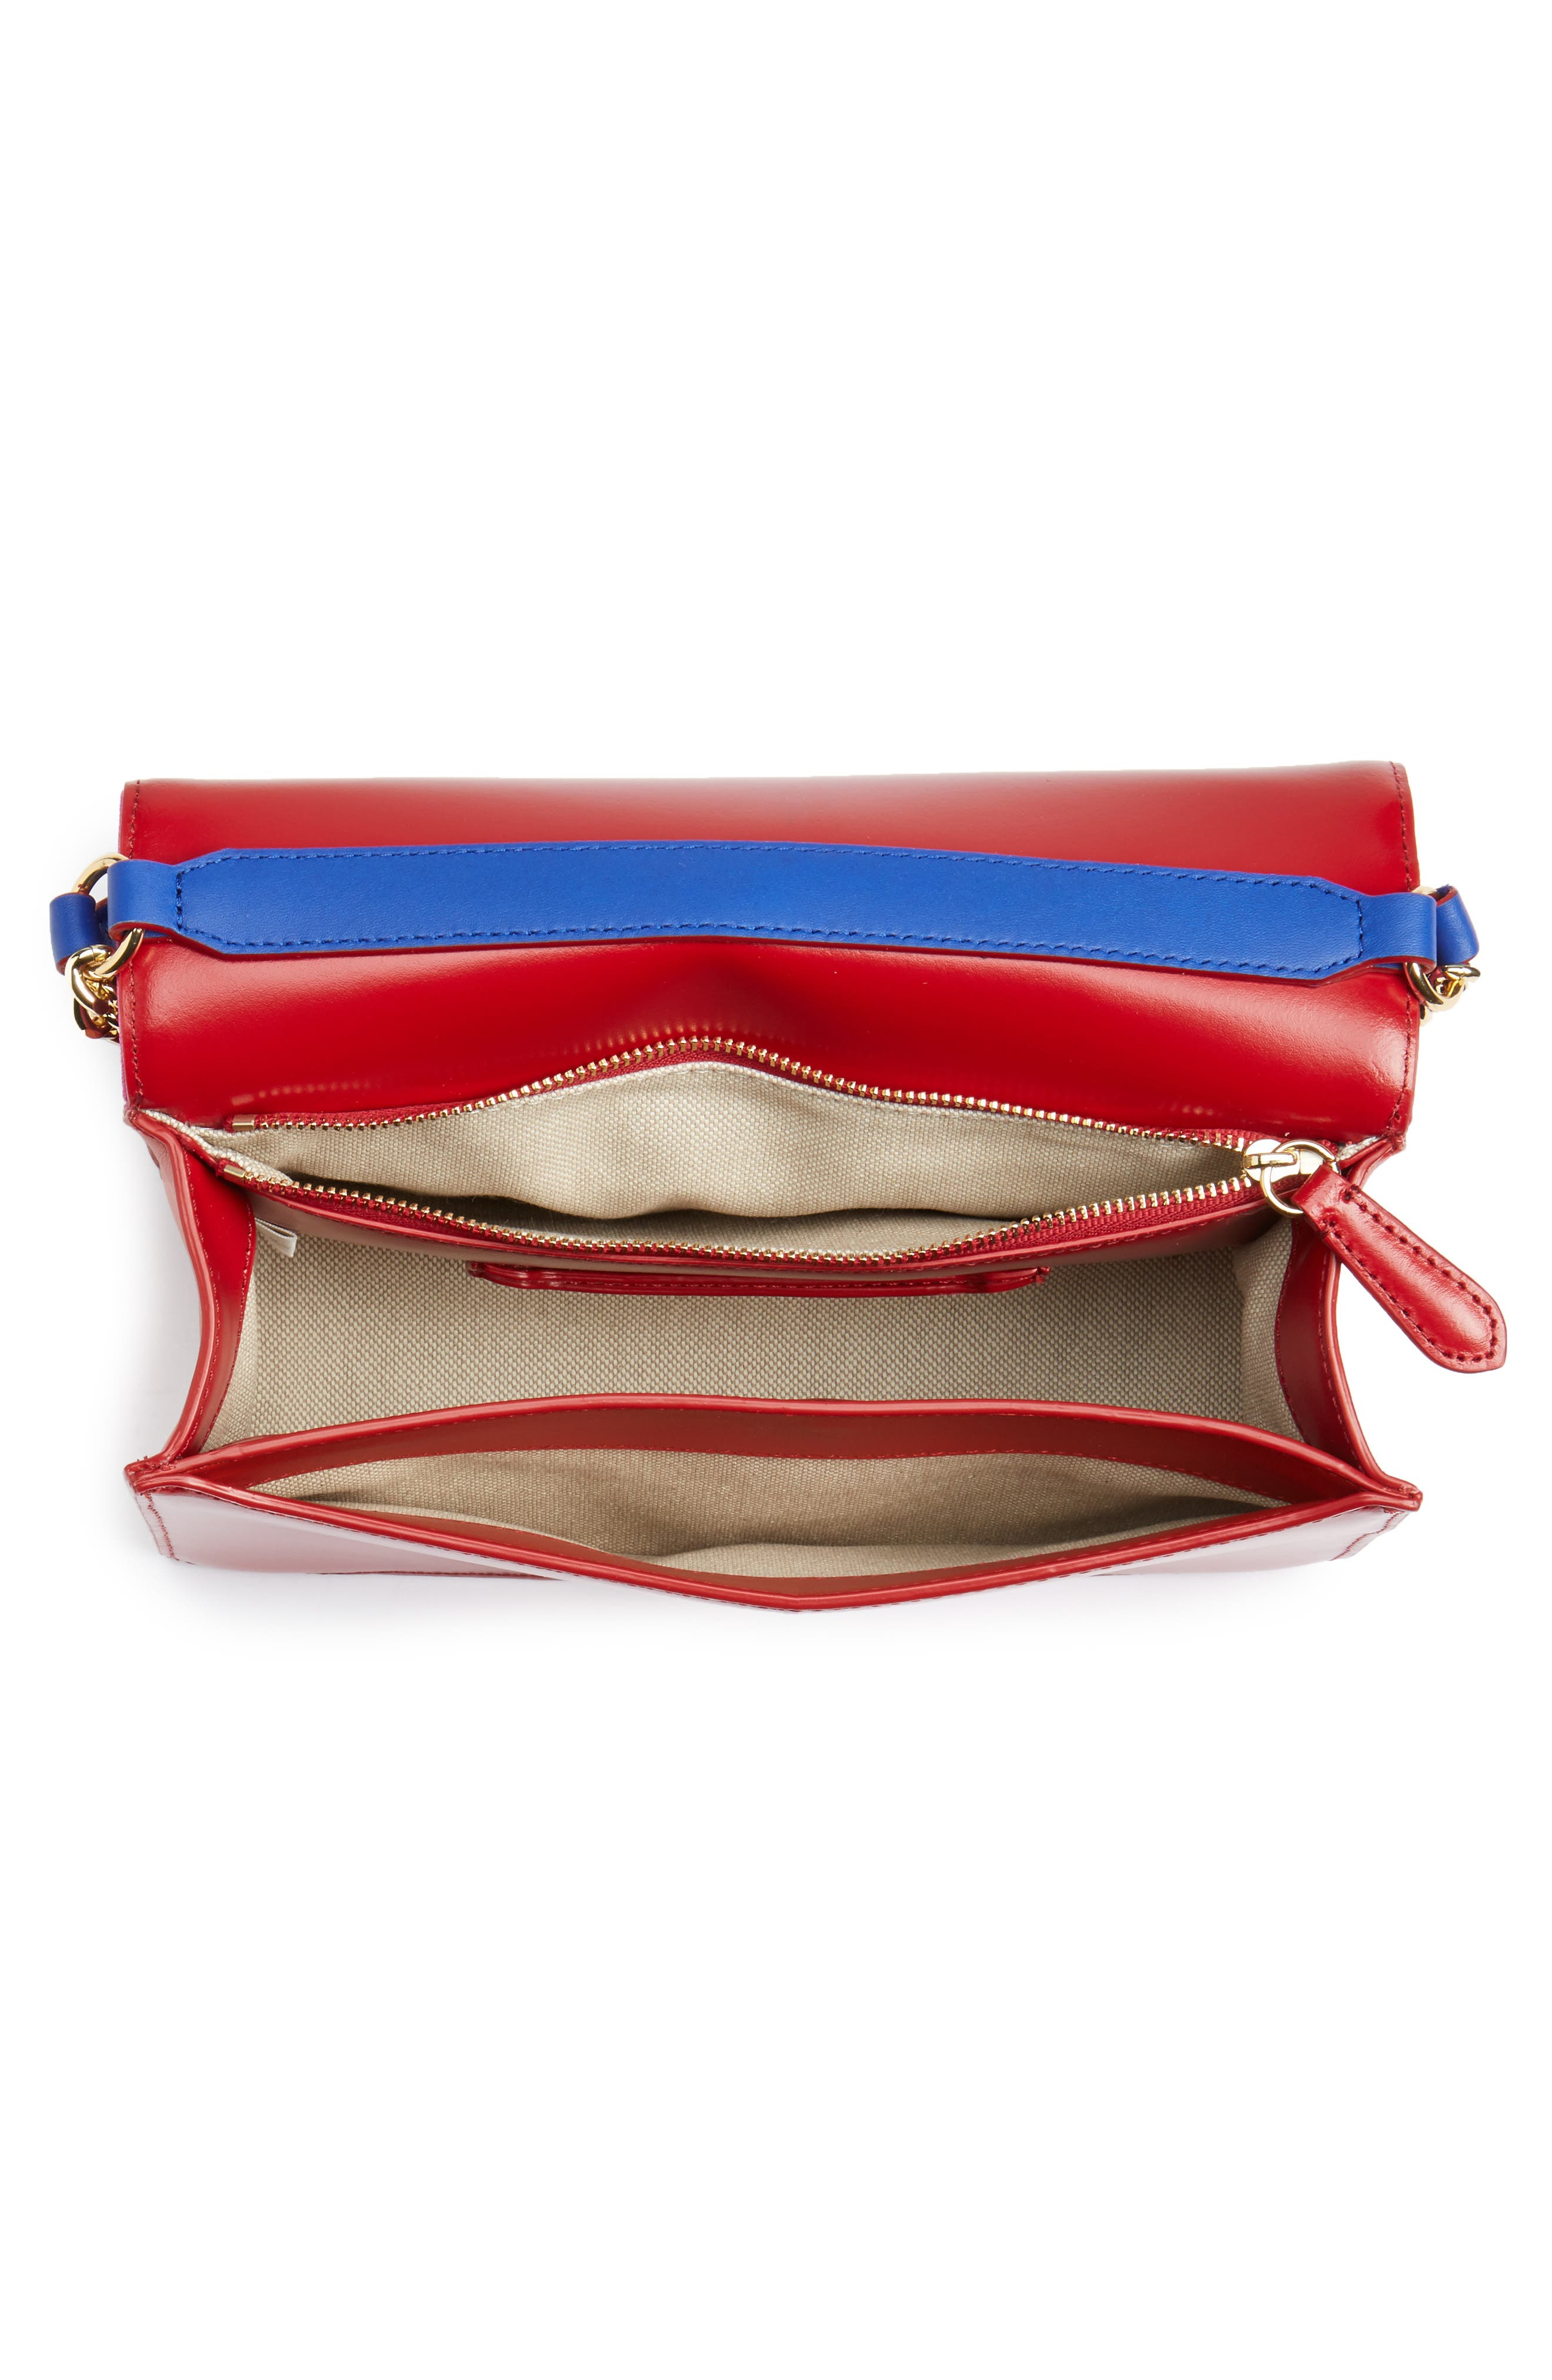 Soirée Satin & Leather Top Handle Bag,                             Alternate thumbnail 4, color,